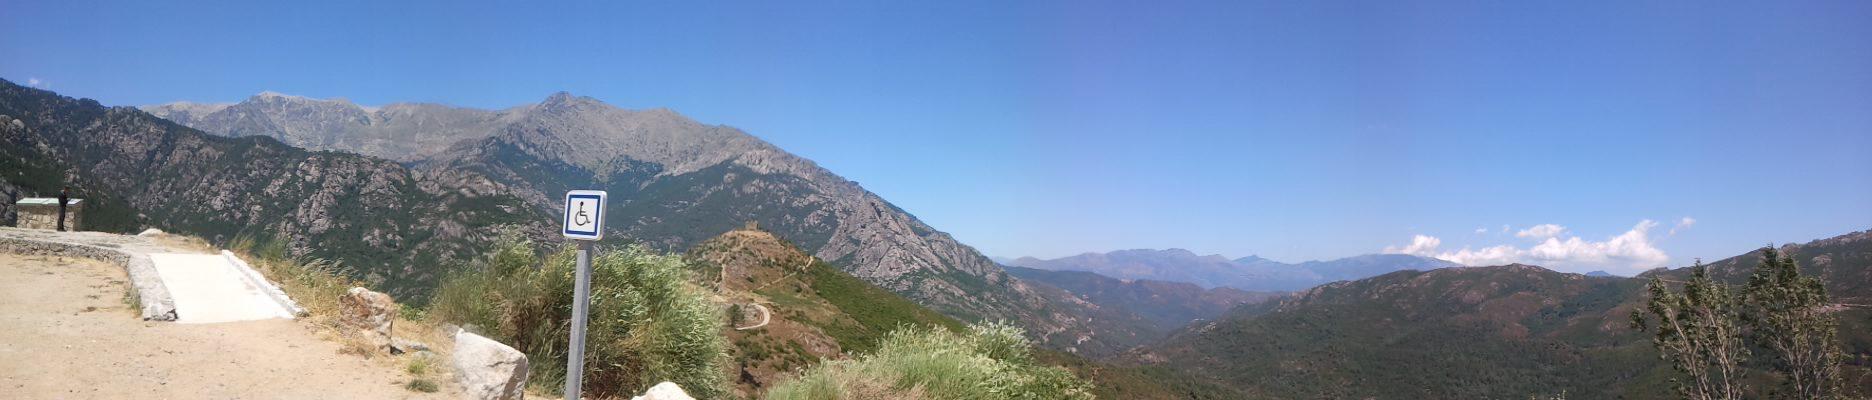 Turismo Accessibile - entroterra Corsica